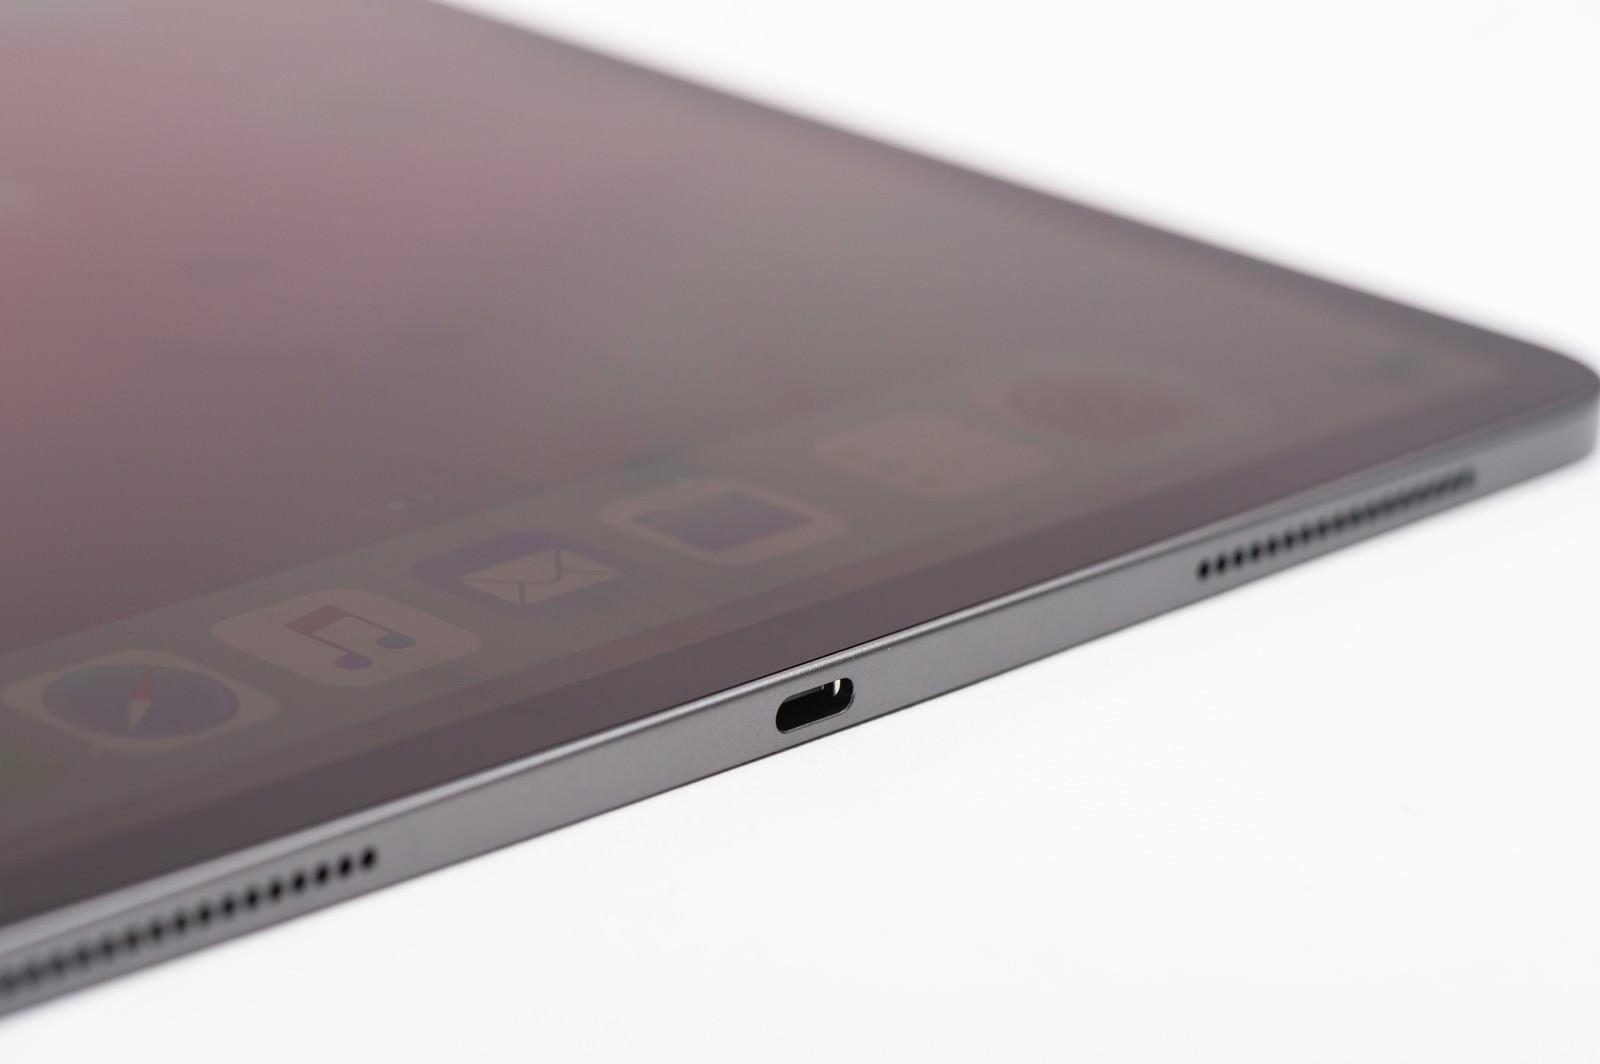 「iPad Pro 電源部分」の写真